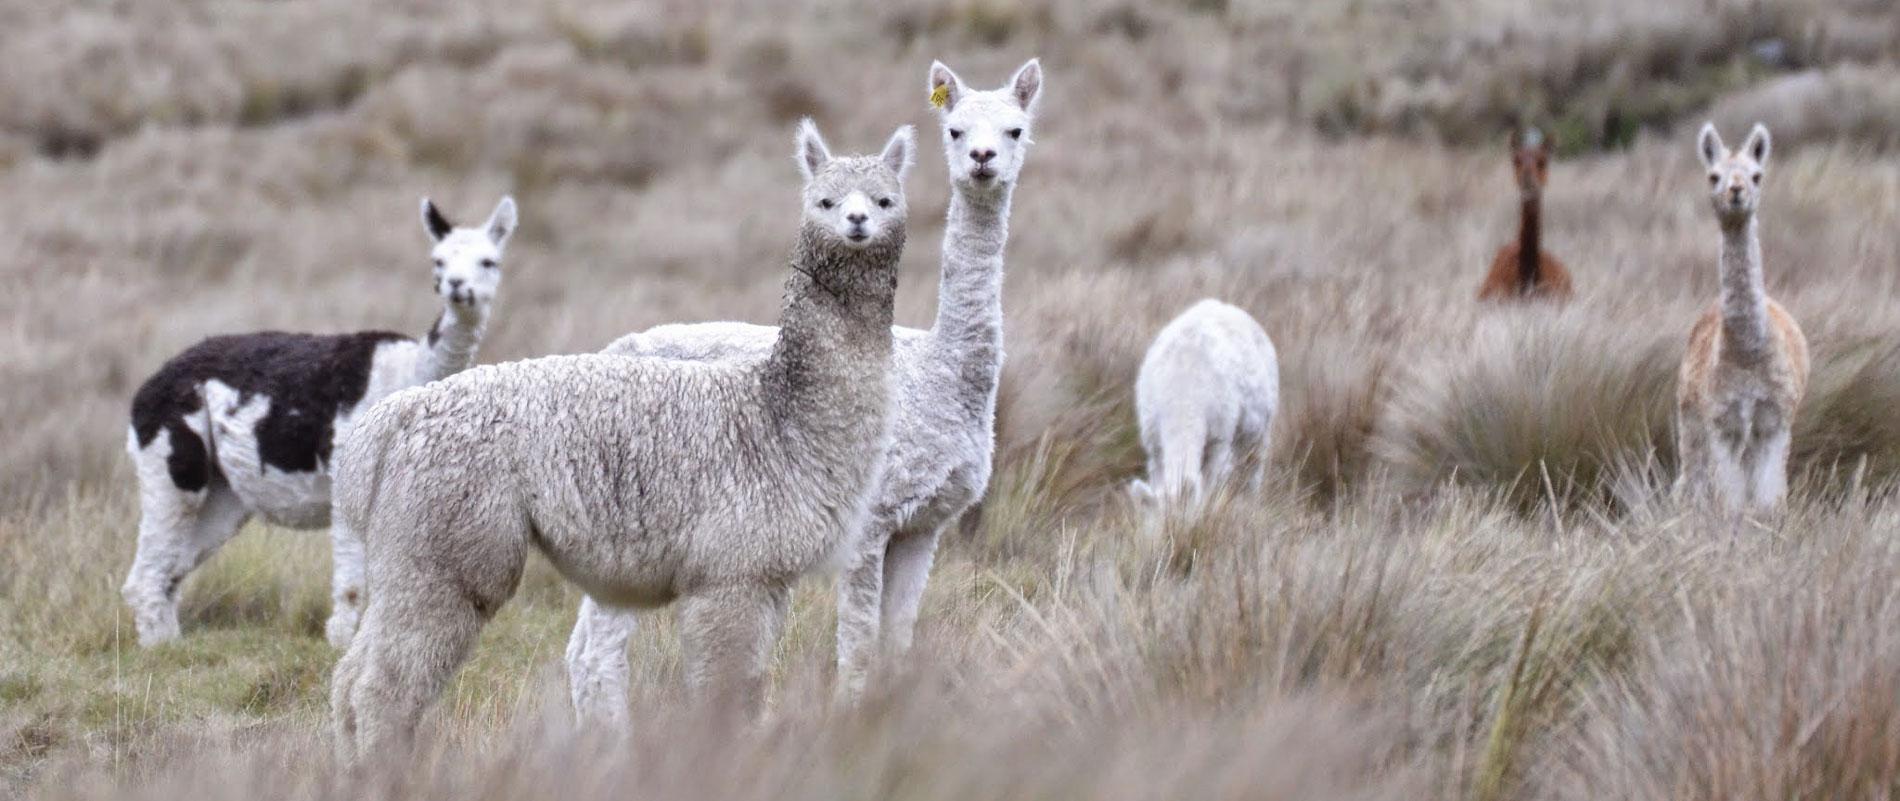 Equateur-Chimborazo©Gaëlle-Montcharmont-2